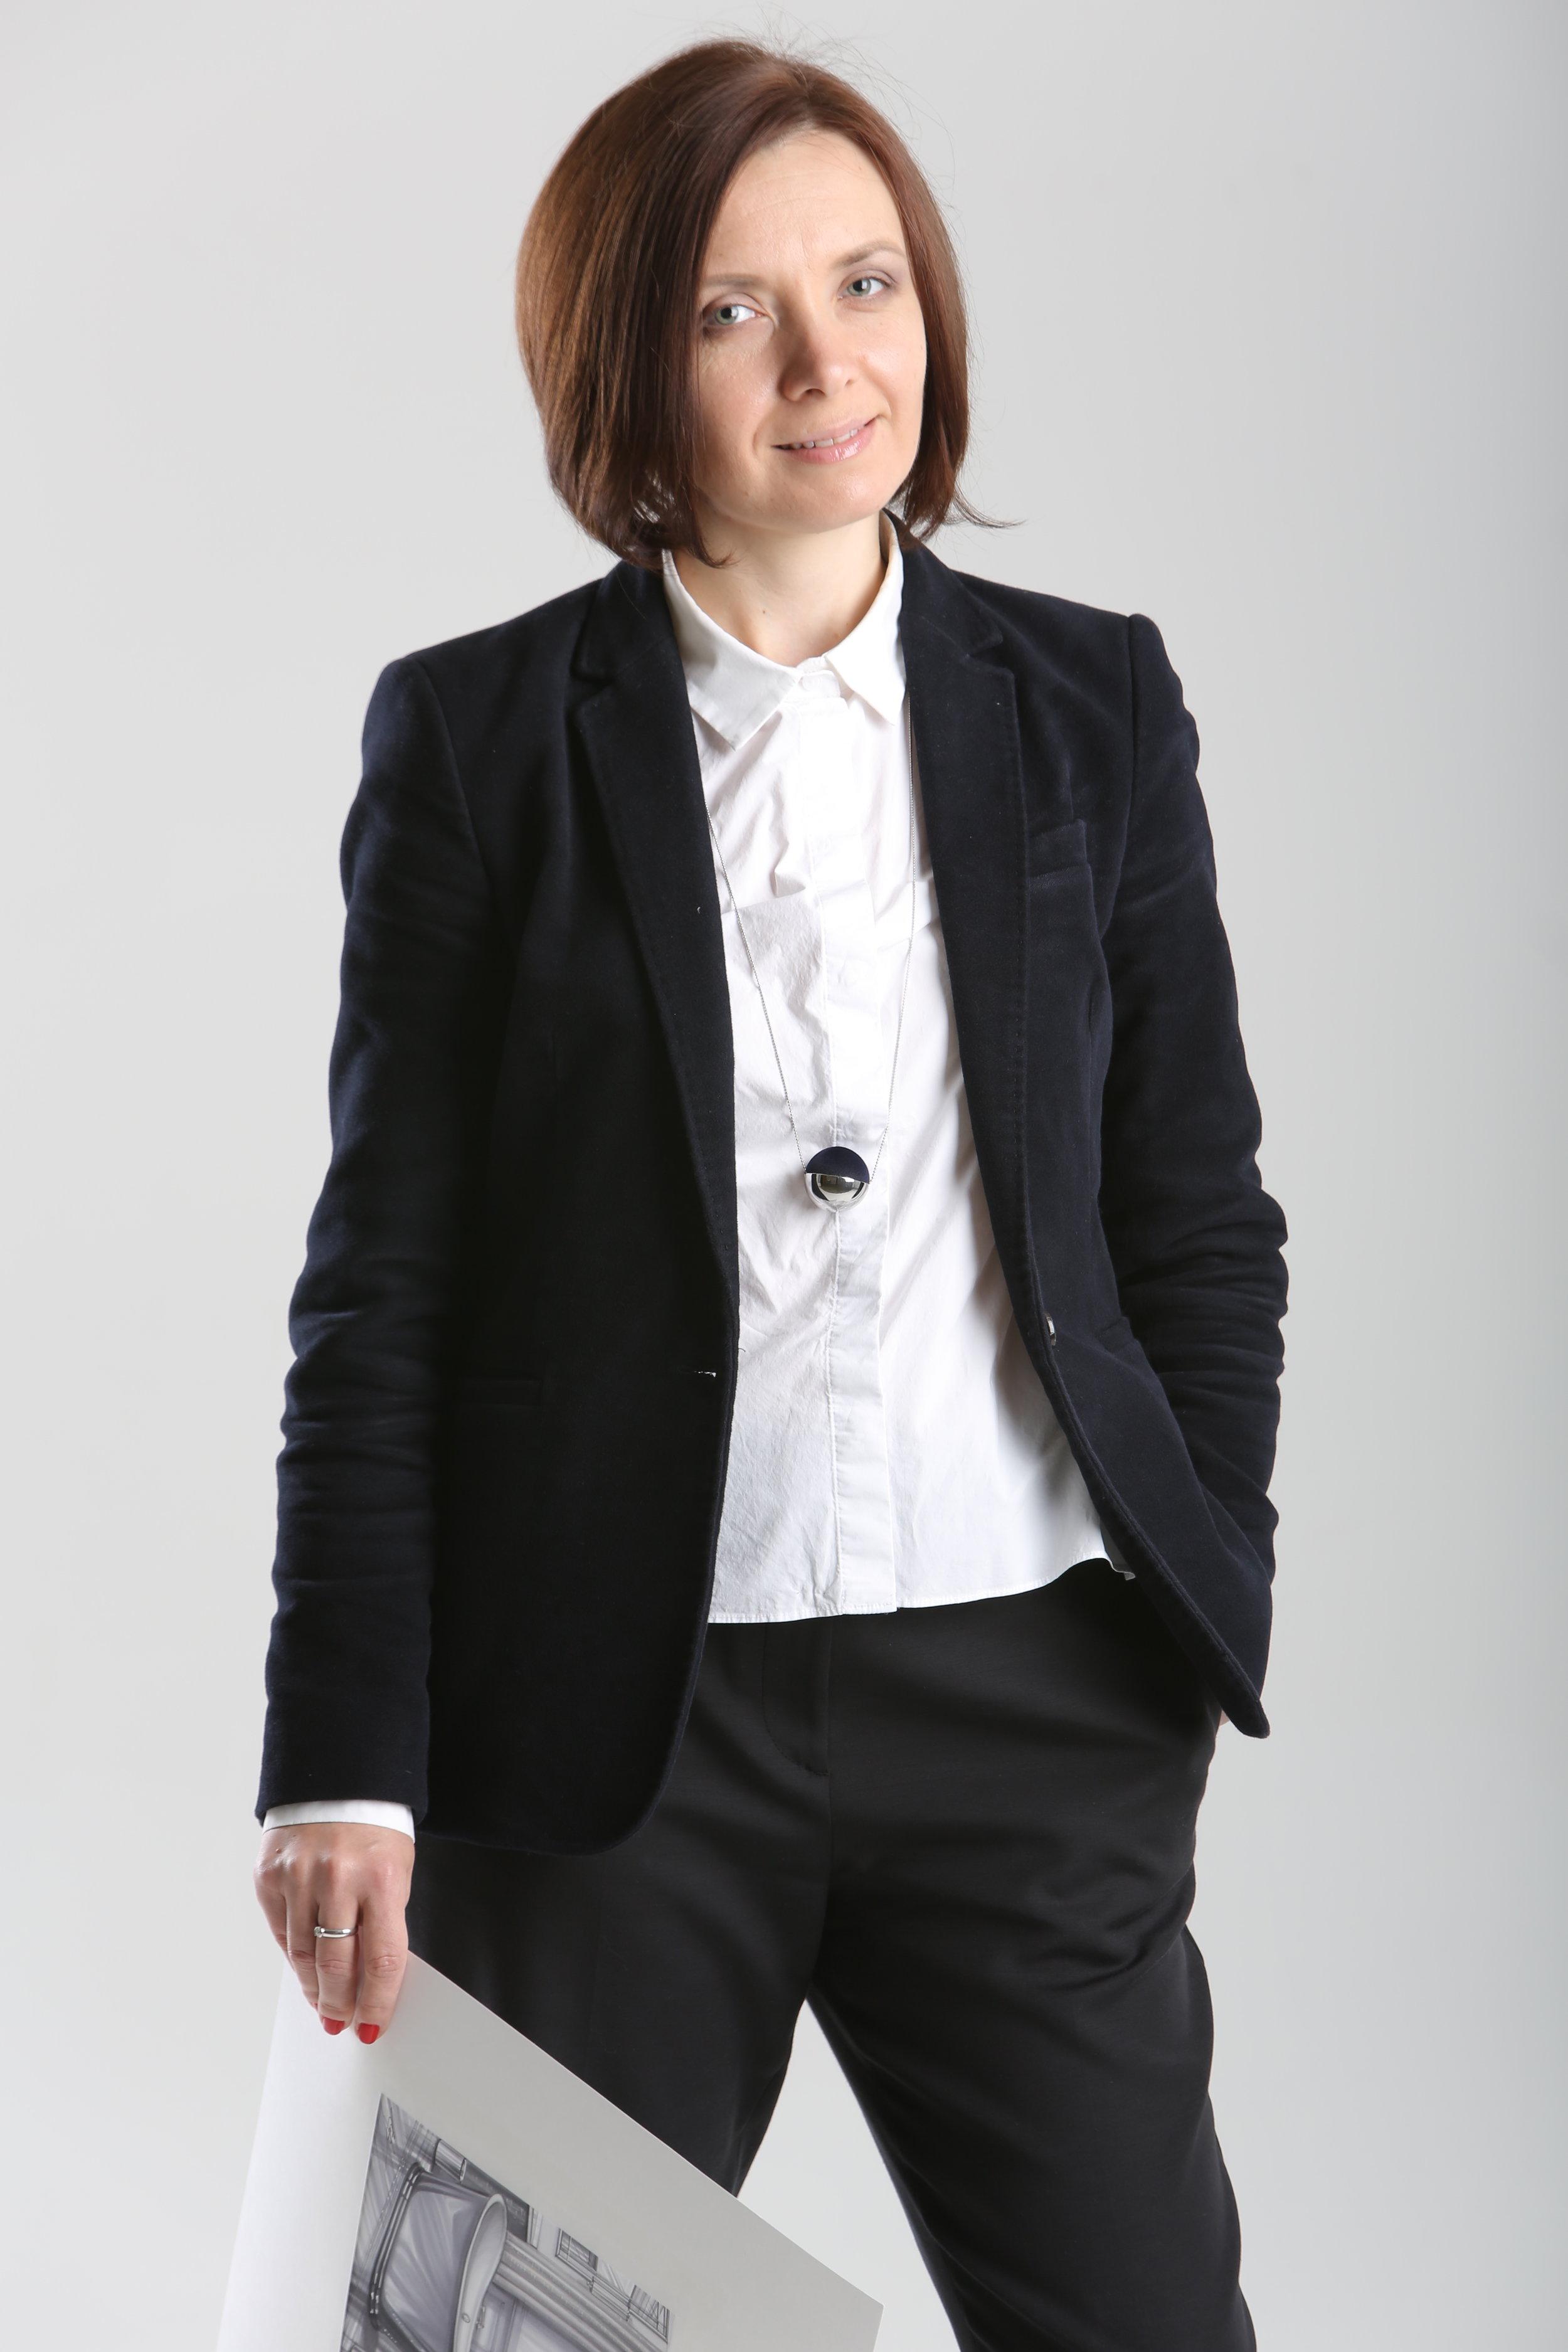 Елена Иванникова интервью